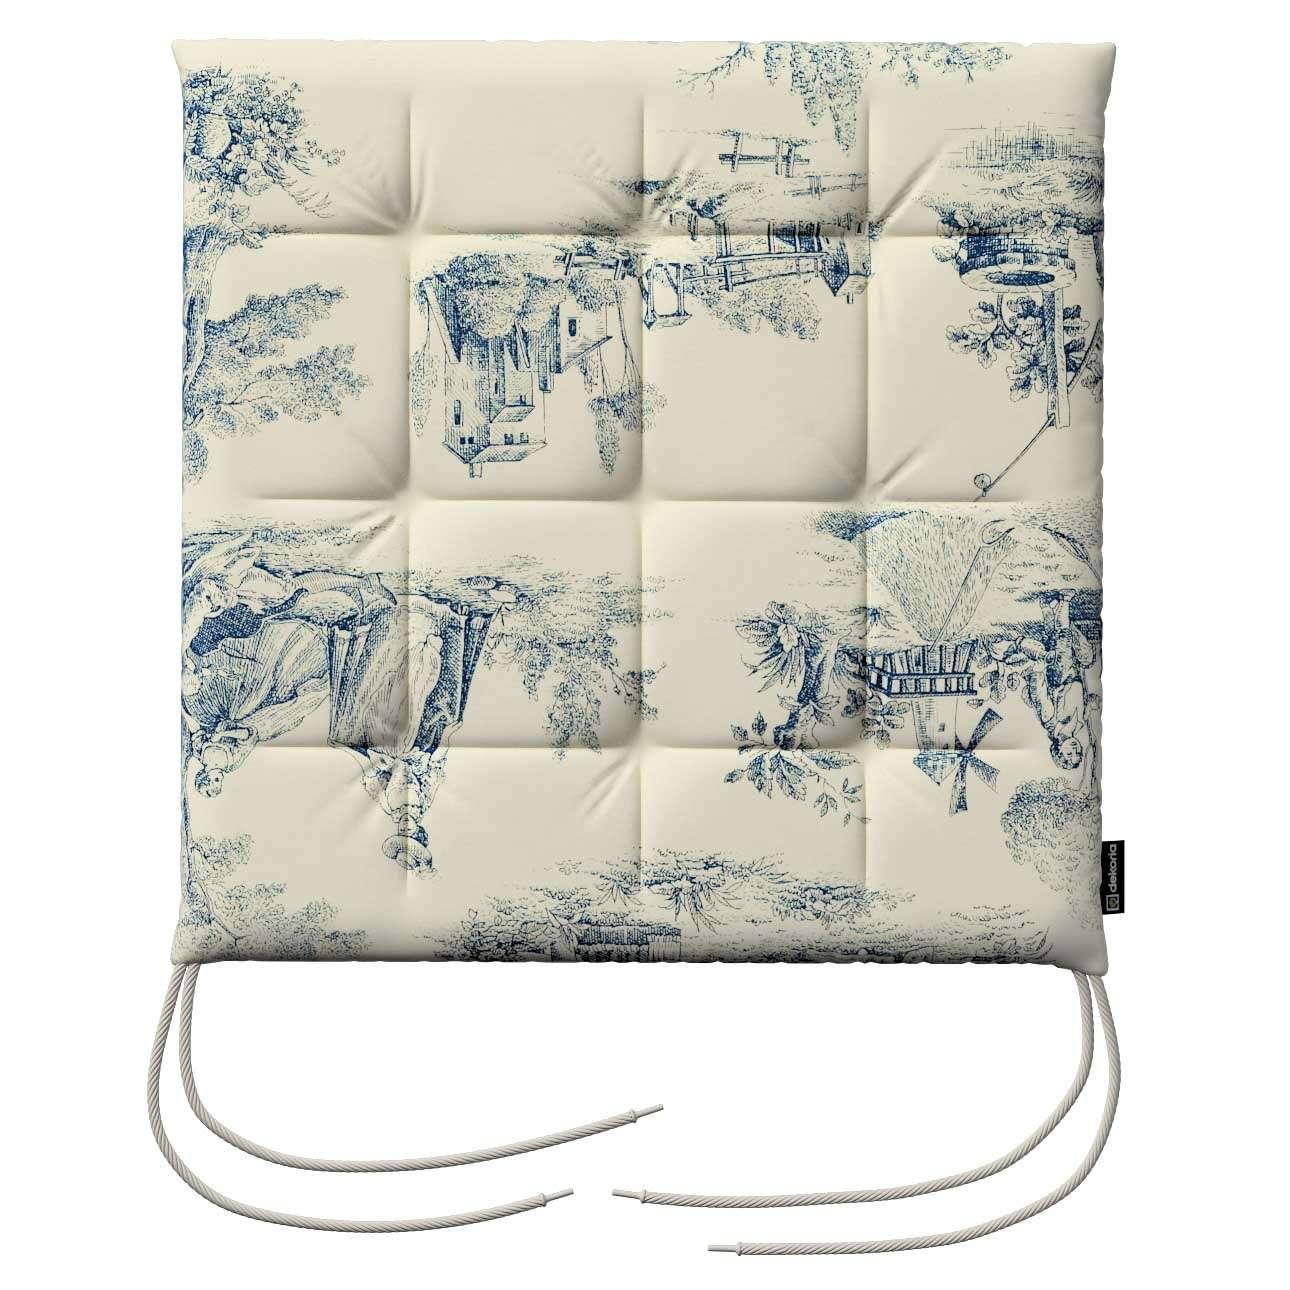 Kėdės pagalvėlė Karol  40 x 40 x 3,5 cm kolekcijoje Avinon, audinys: 132-66